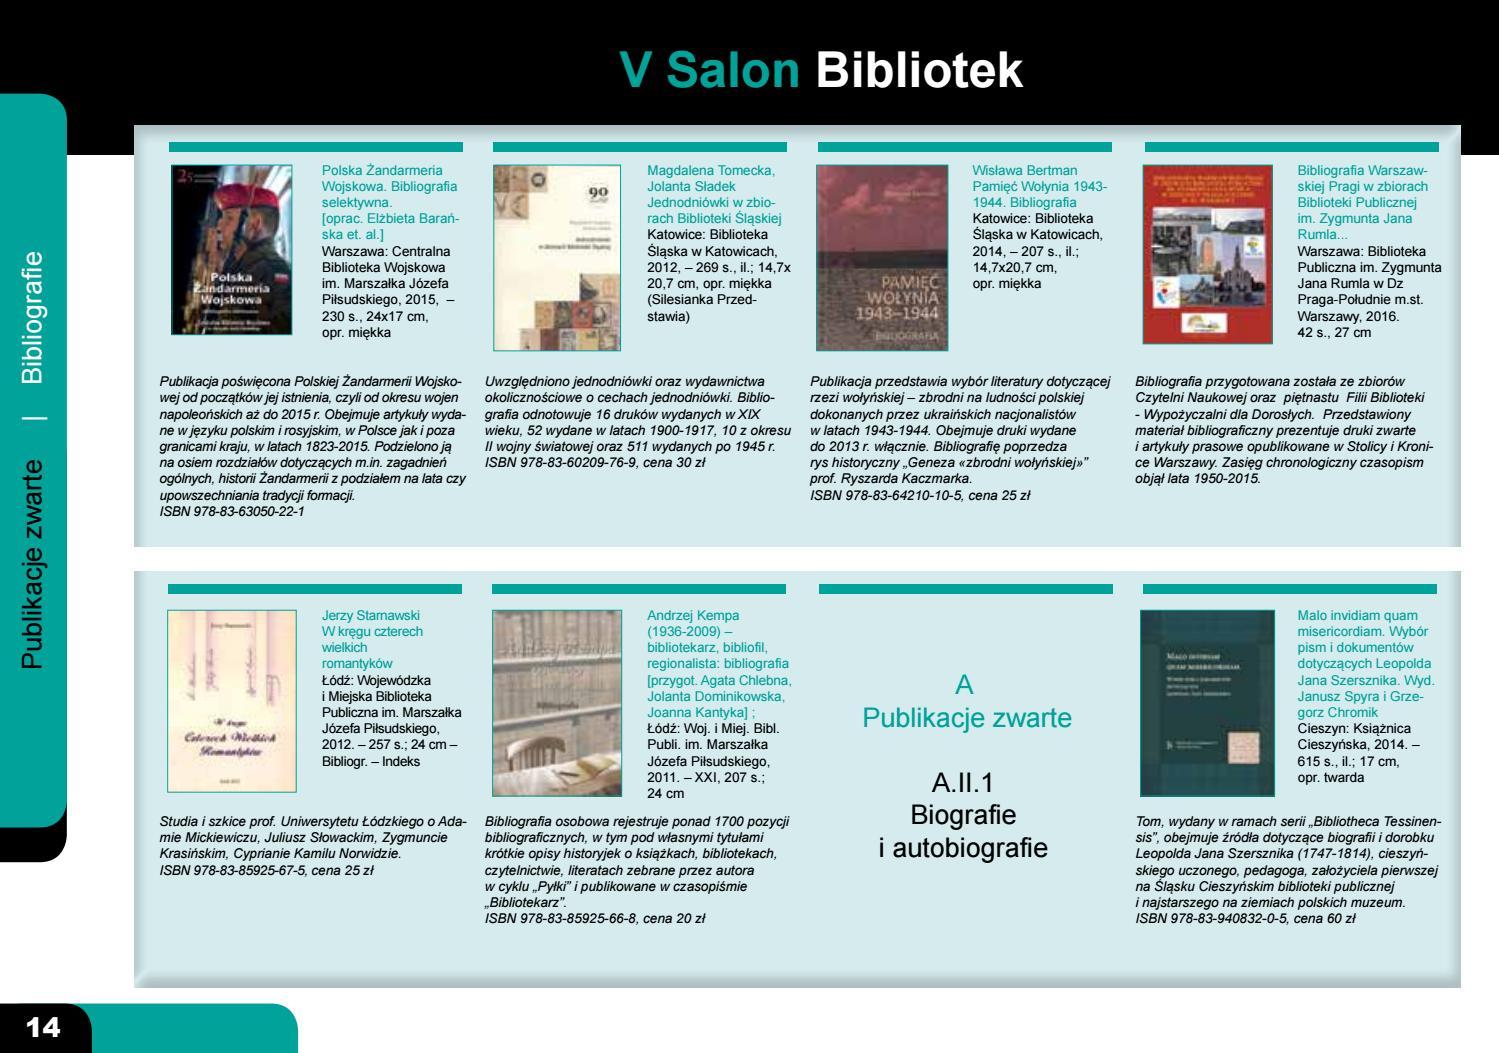 Katalog Publikacji Historycznych Bibliotek 2016 By Portal